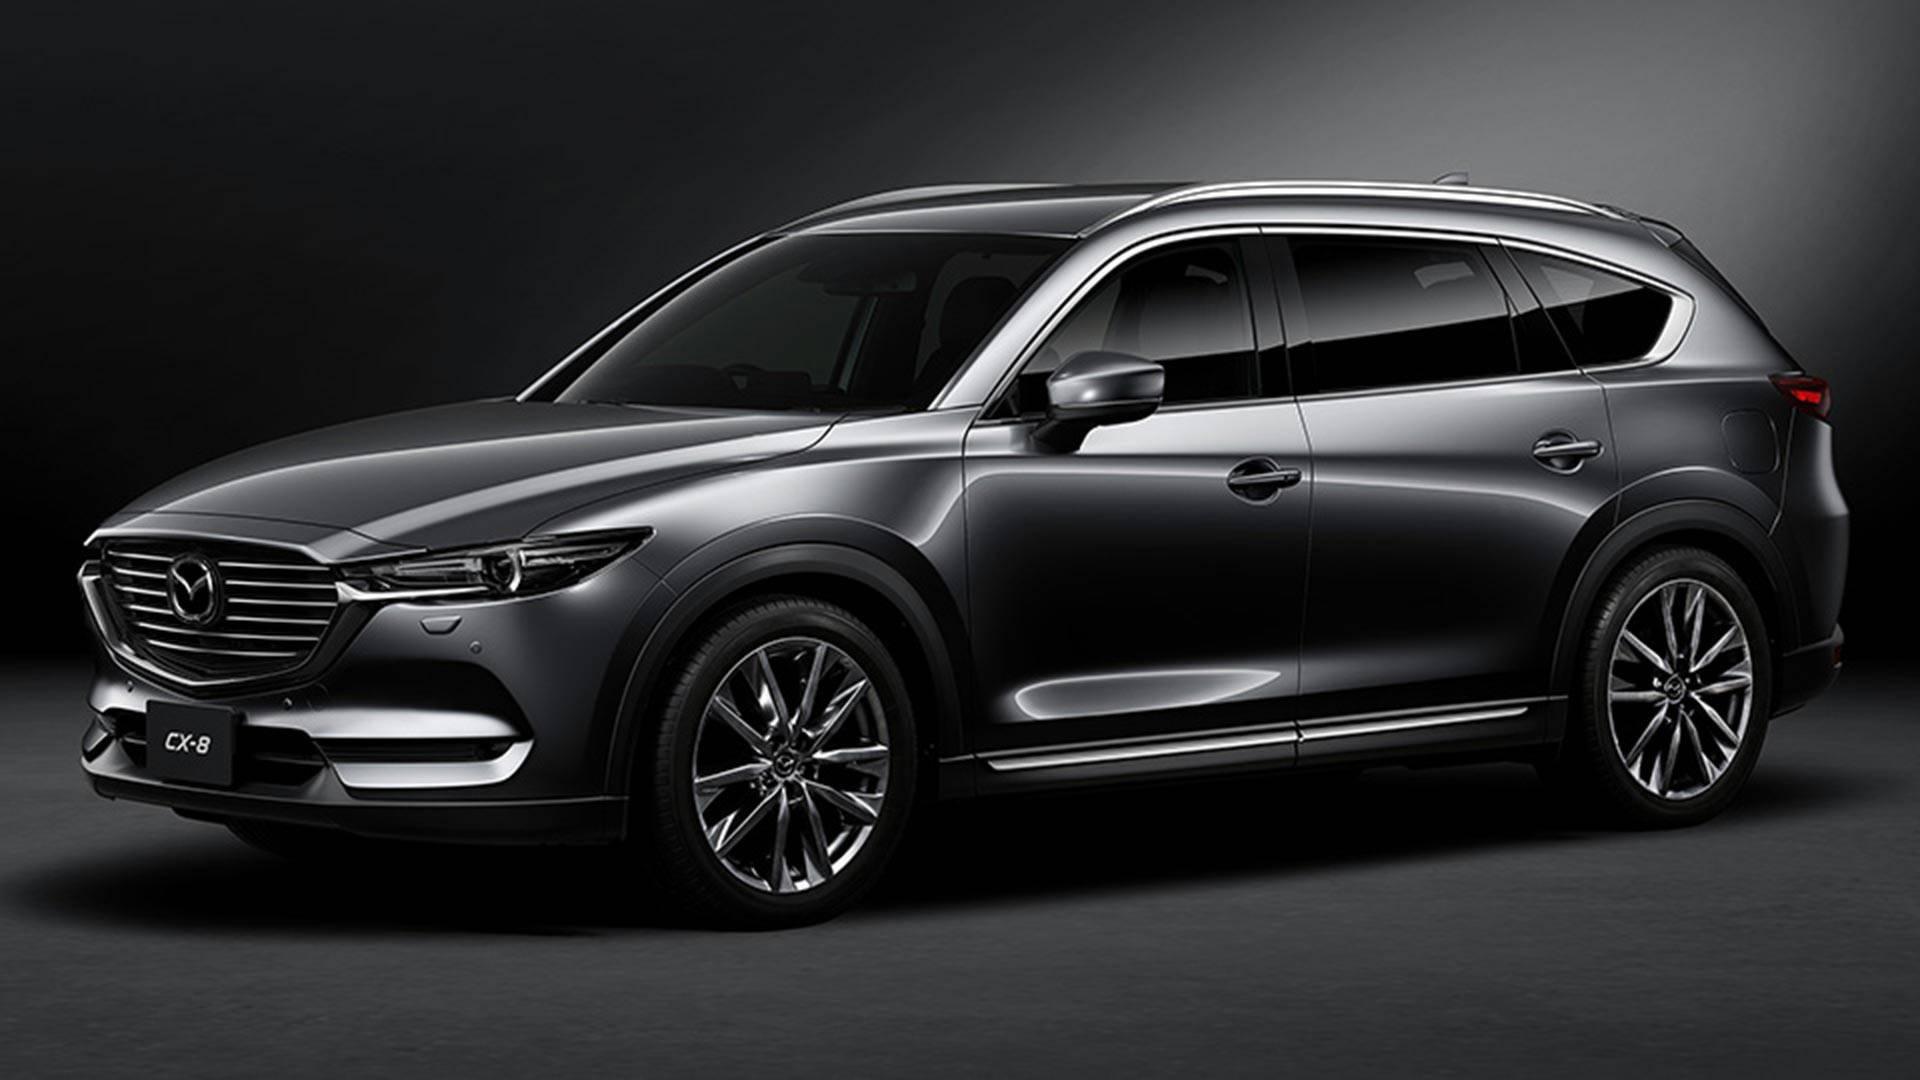 Kelebihan Kekurangan Mazda Cx 7 2018 Spesifikasi